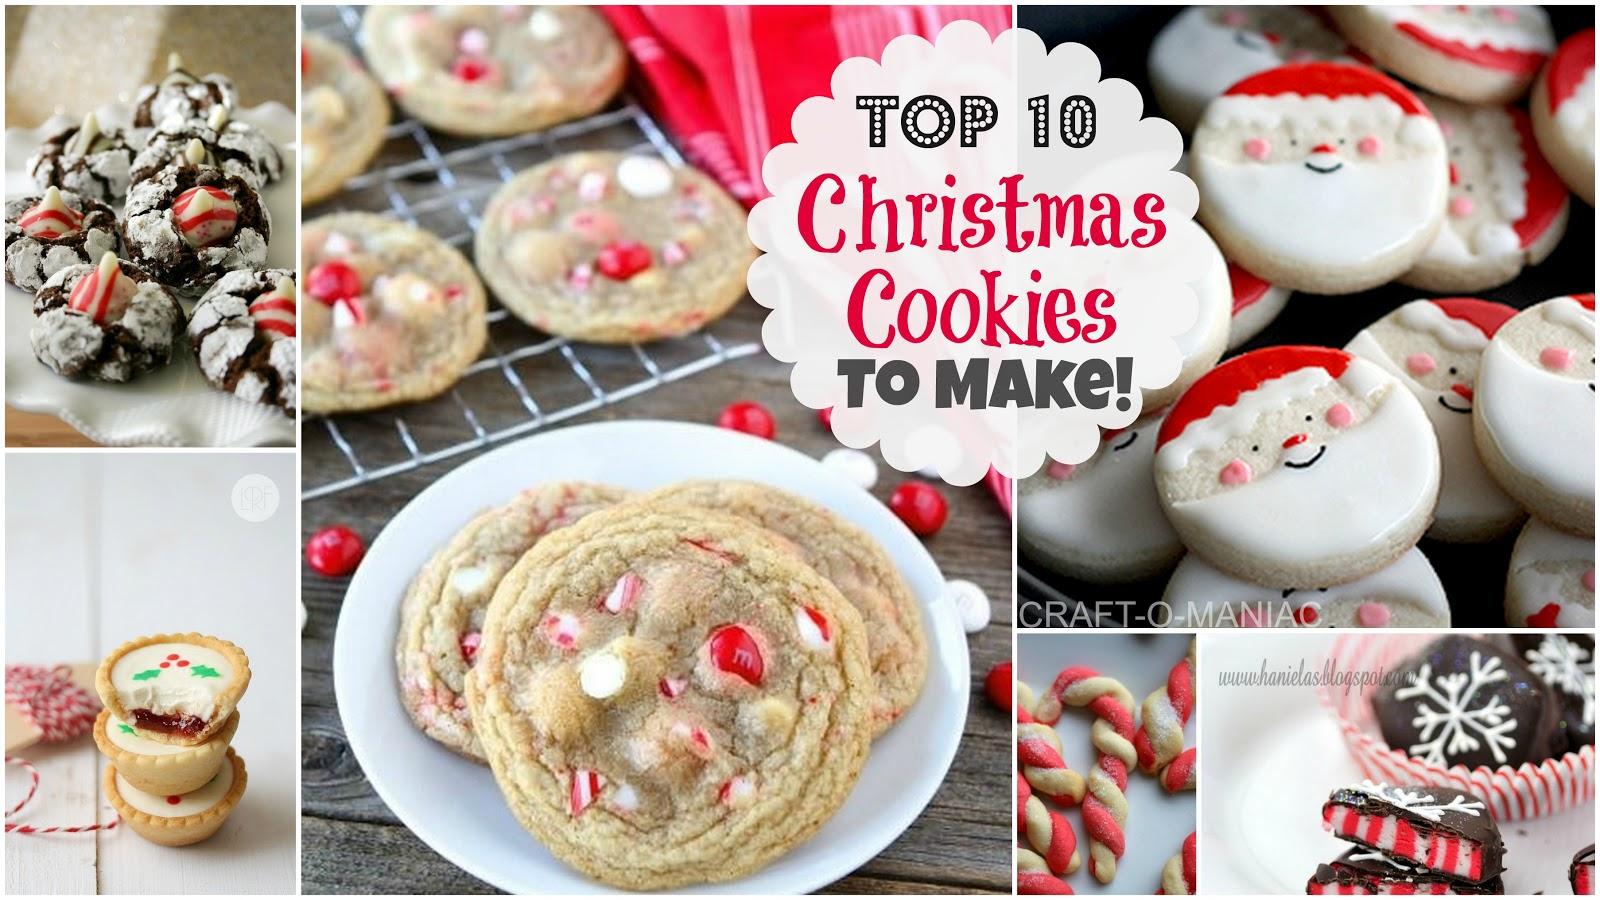 Top 10 Christmas Cookies To Make Craft O Maniac